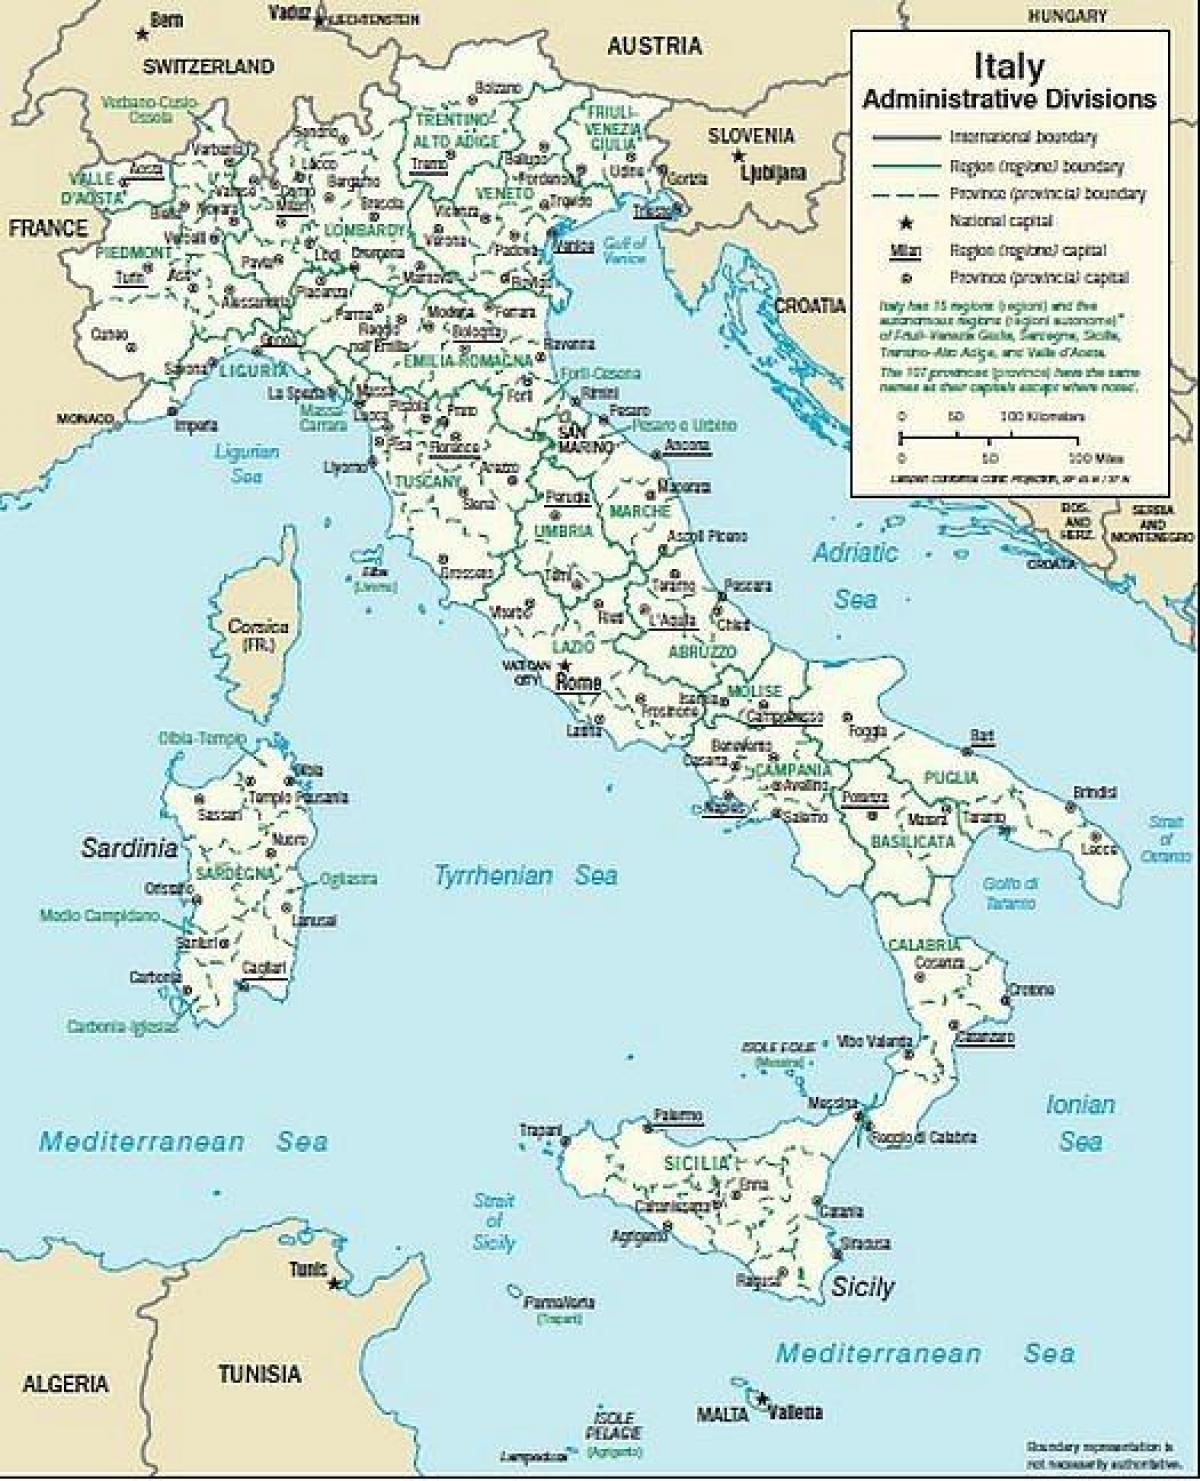 地图上的意大利南部城镇图的意大利南部城镇 南部欧洲 欧洲